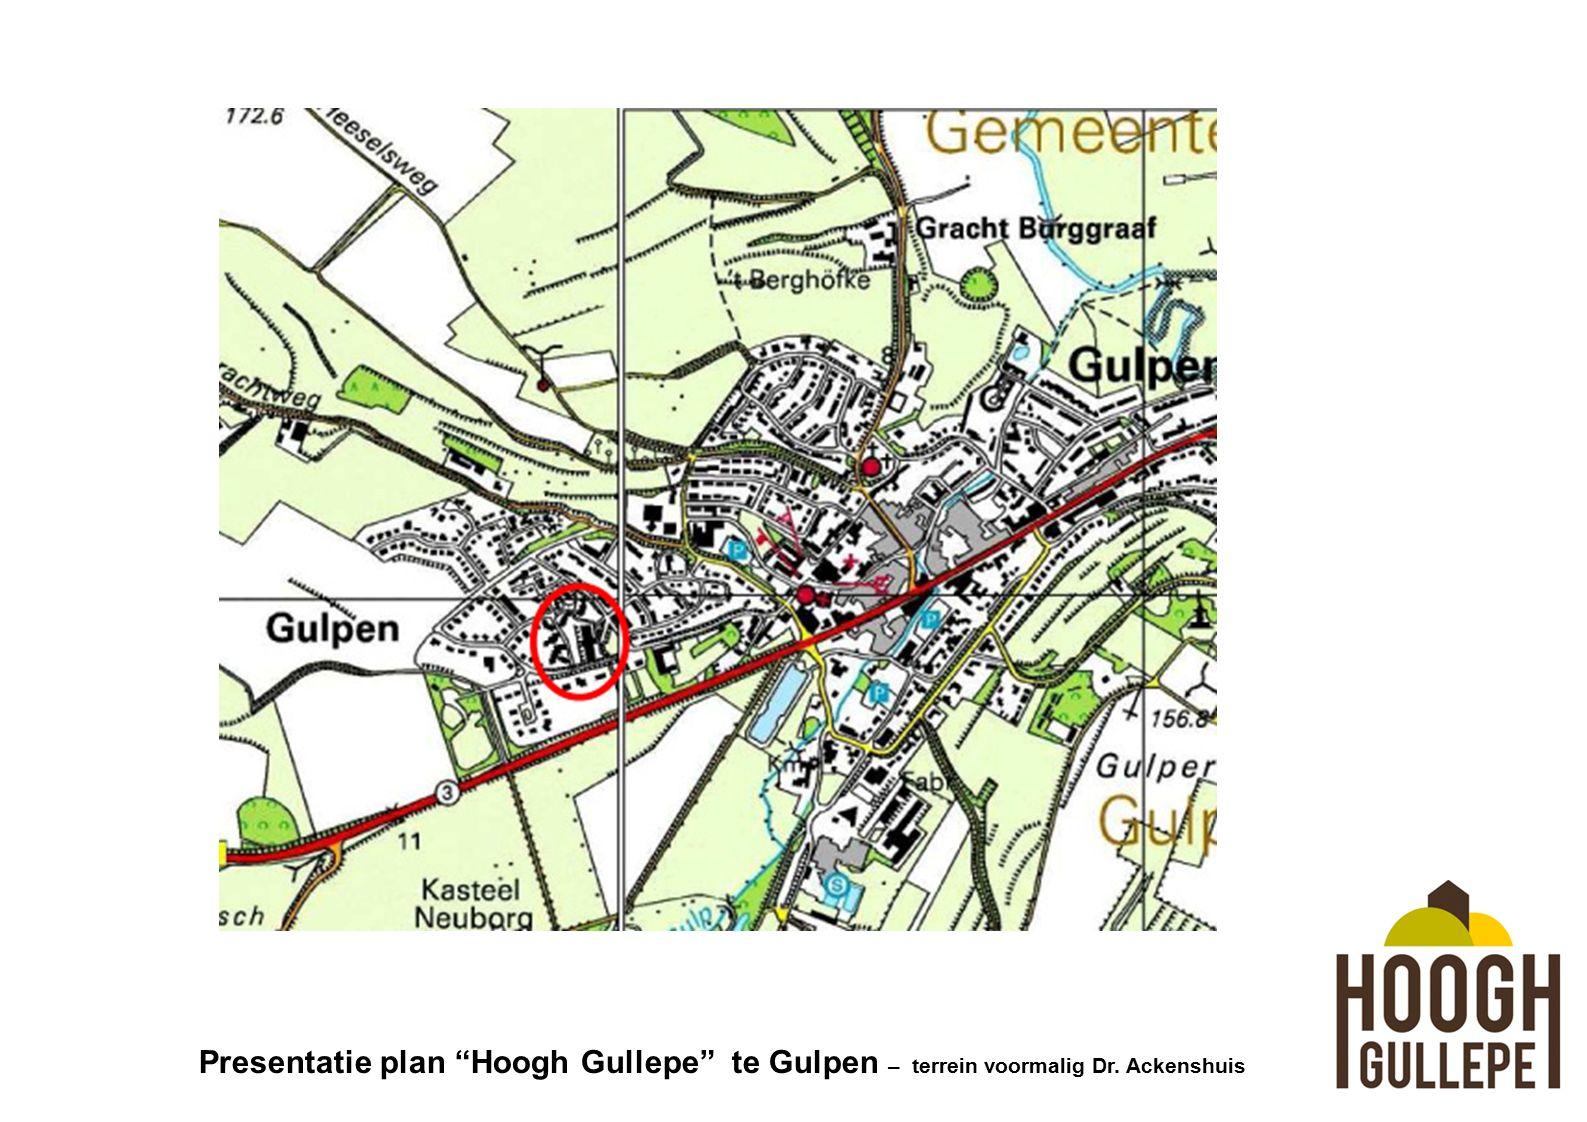 Presentatie plan Hoogh Gullepe te Gulpen – terrein voormalig Dr. Ackenshuis